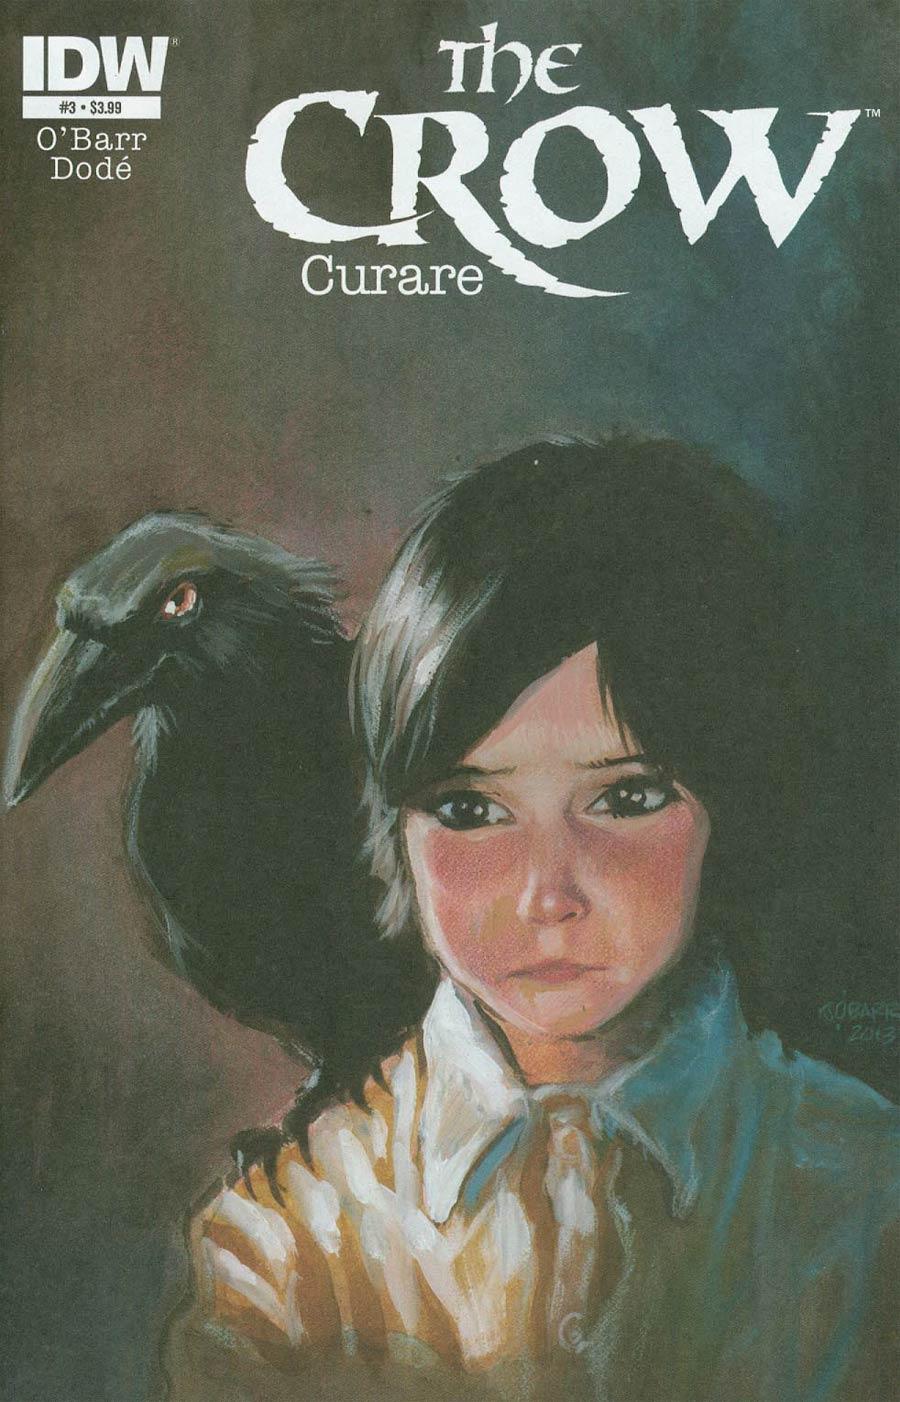 Crow Curare #3